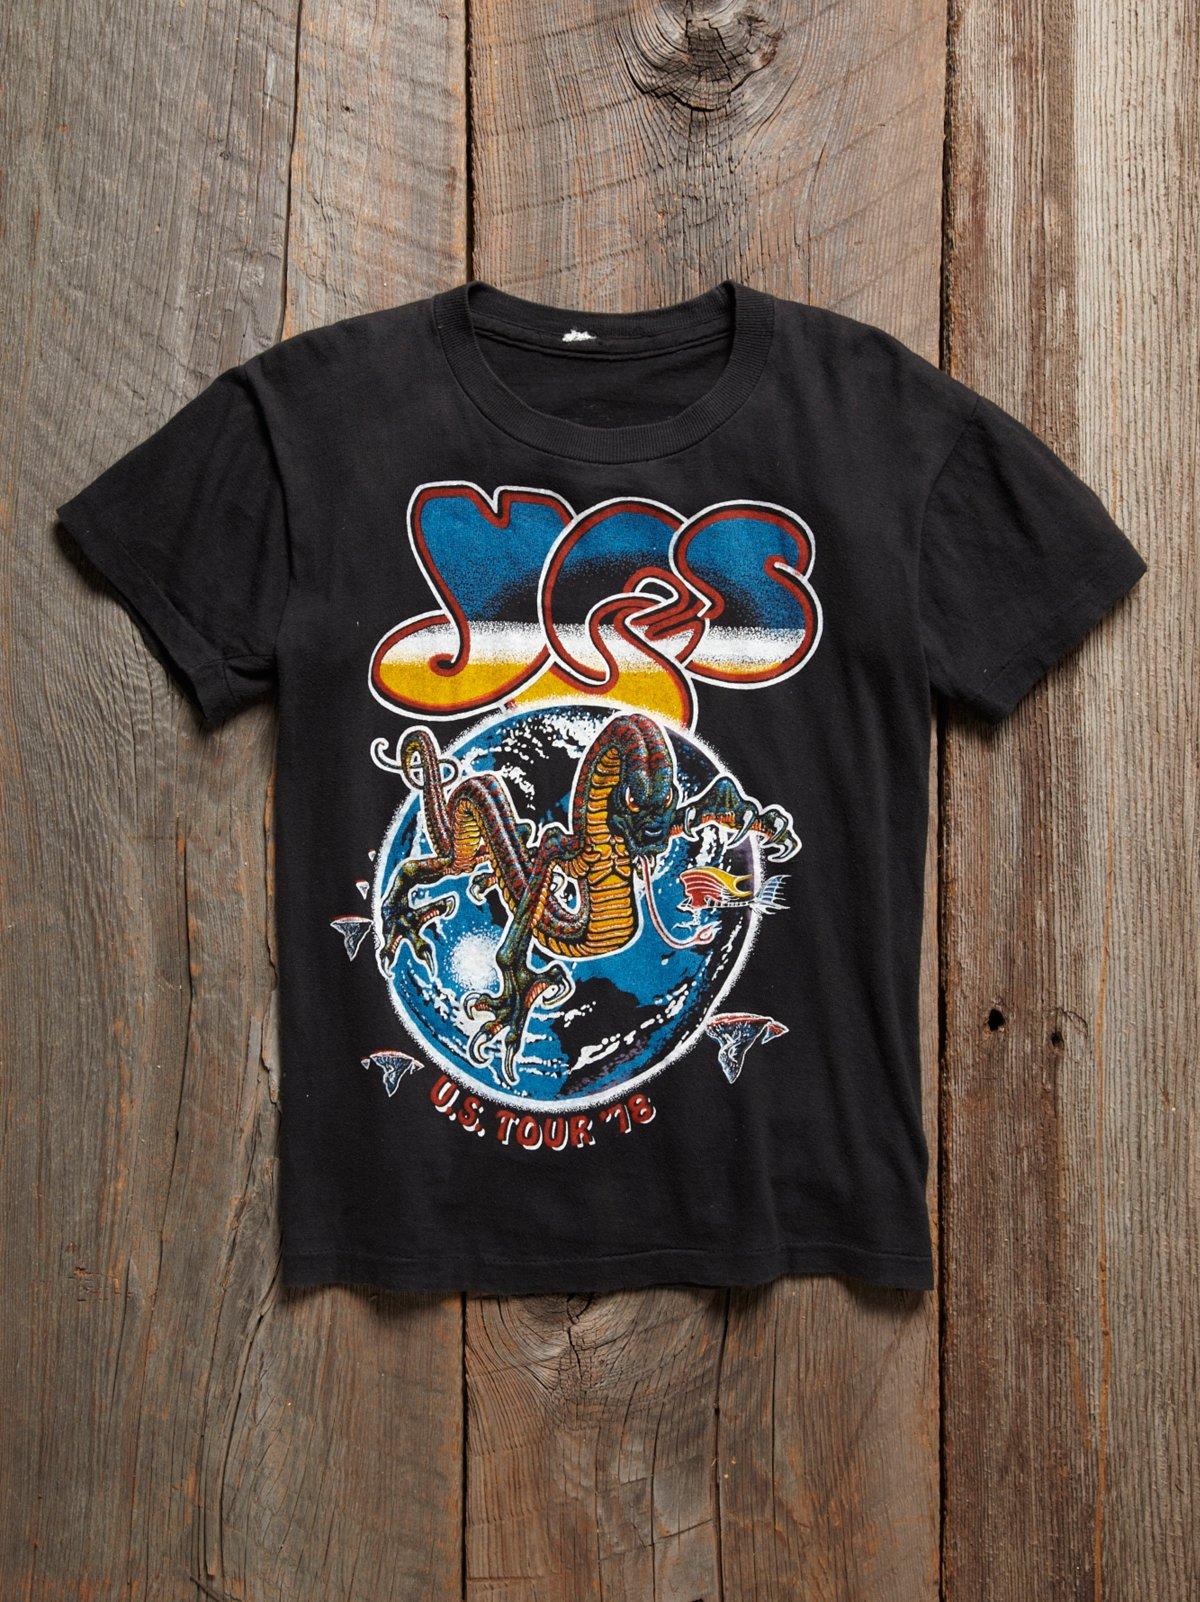 Vintage 1978 Yes Tour Tee